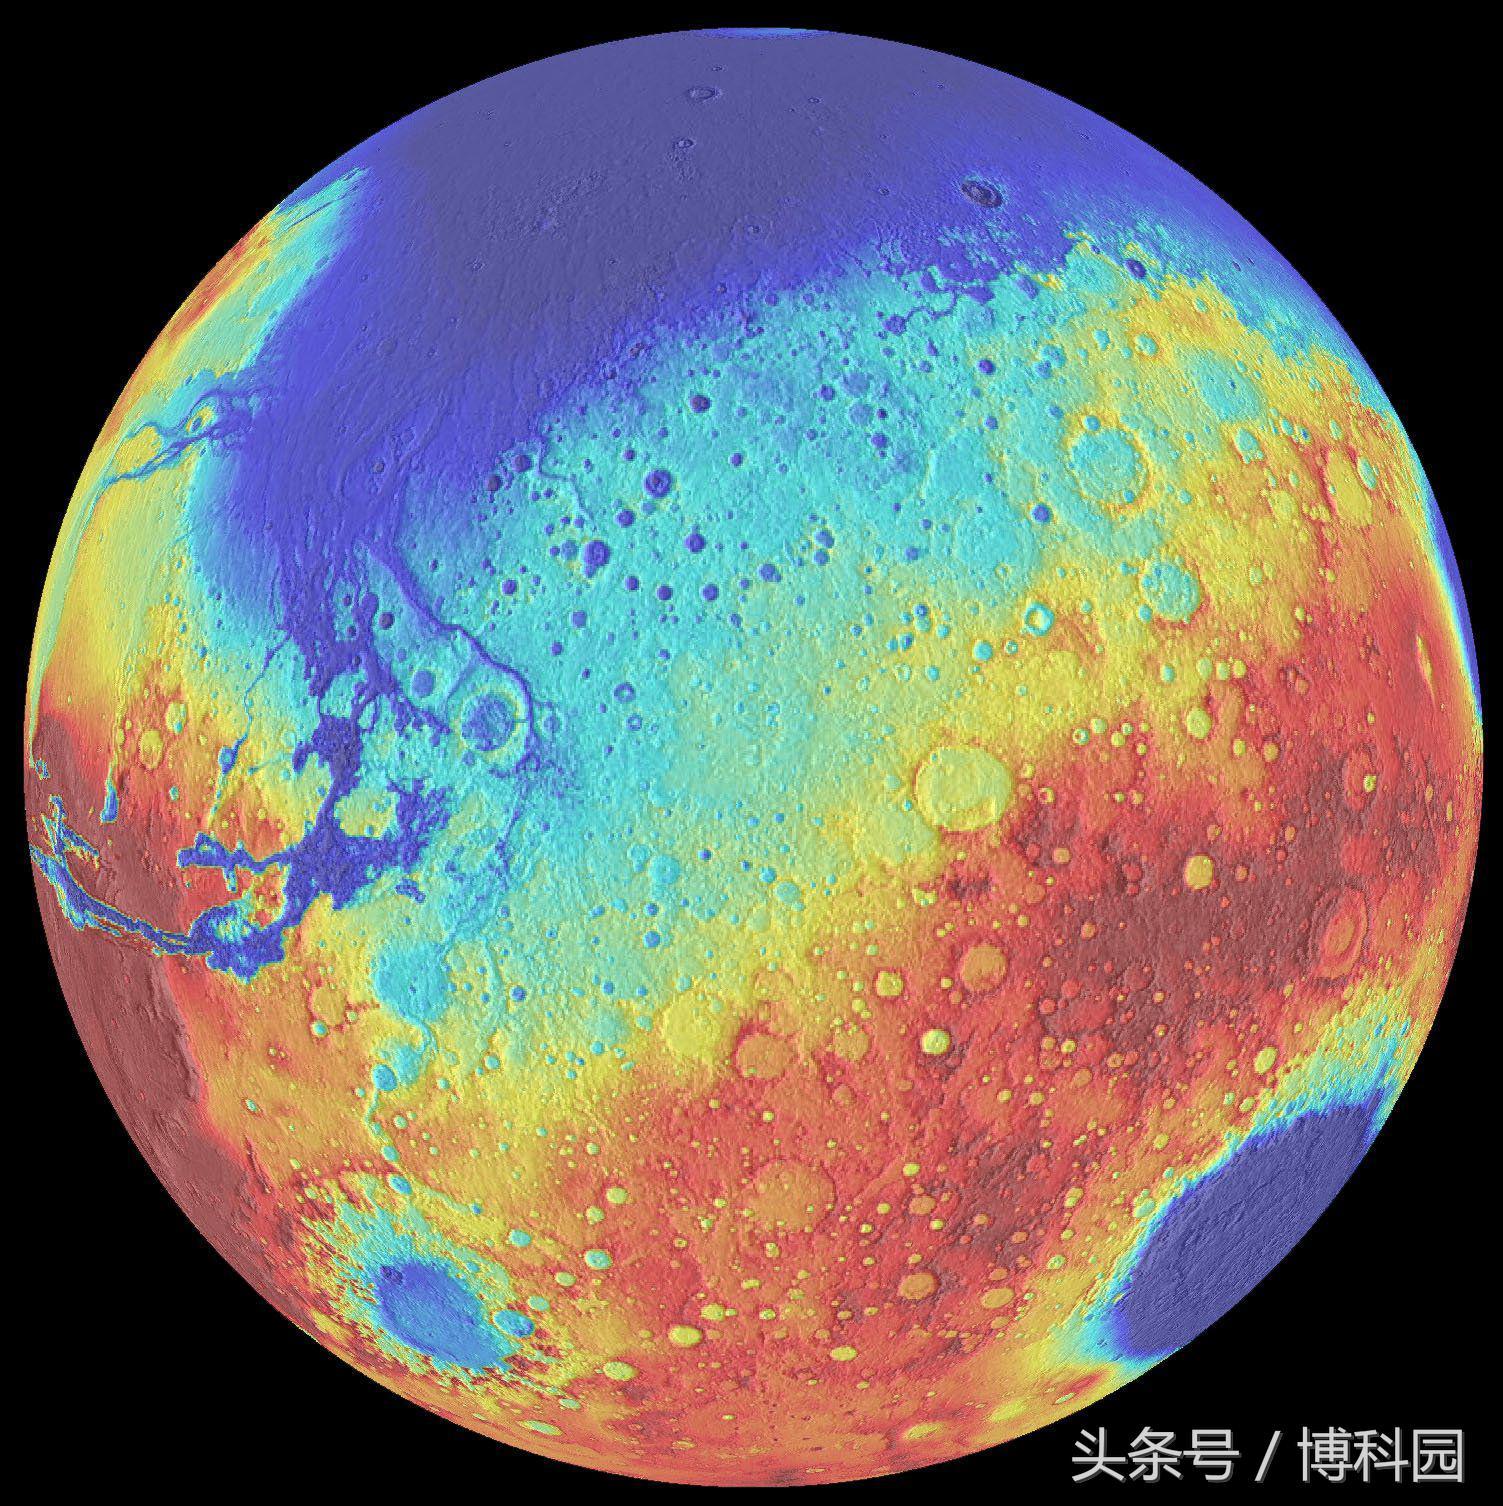 火星和地球上的稀有金属蕴含着巨大影响